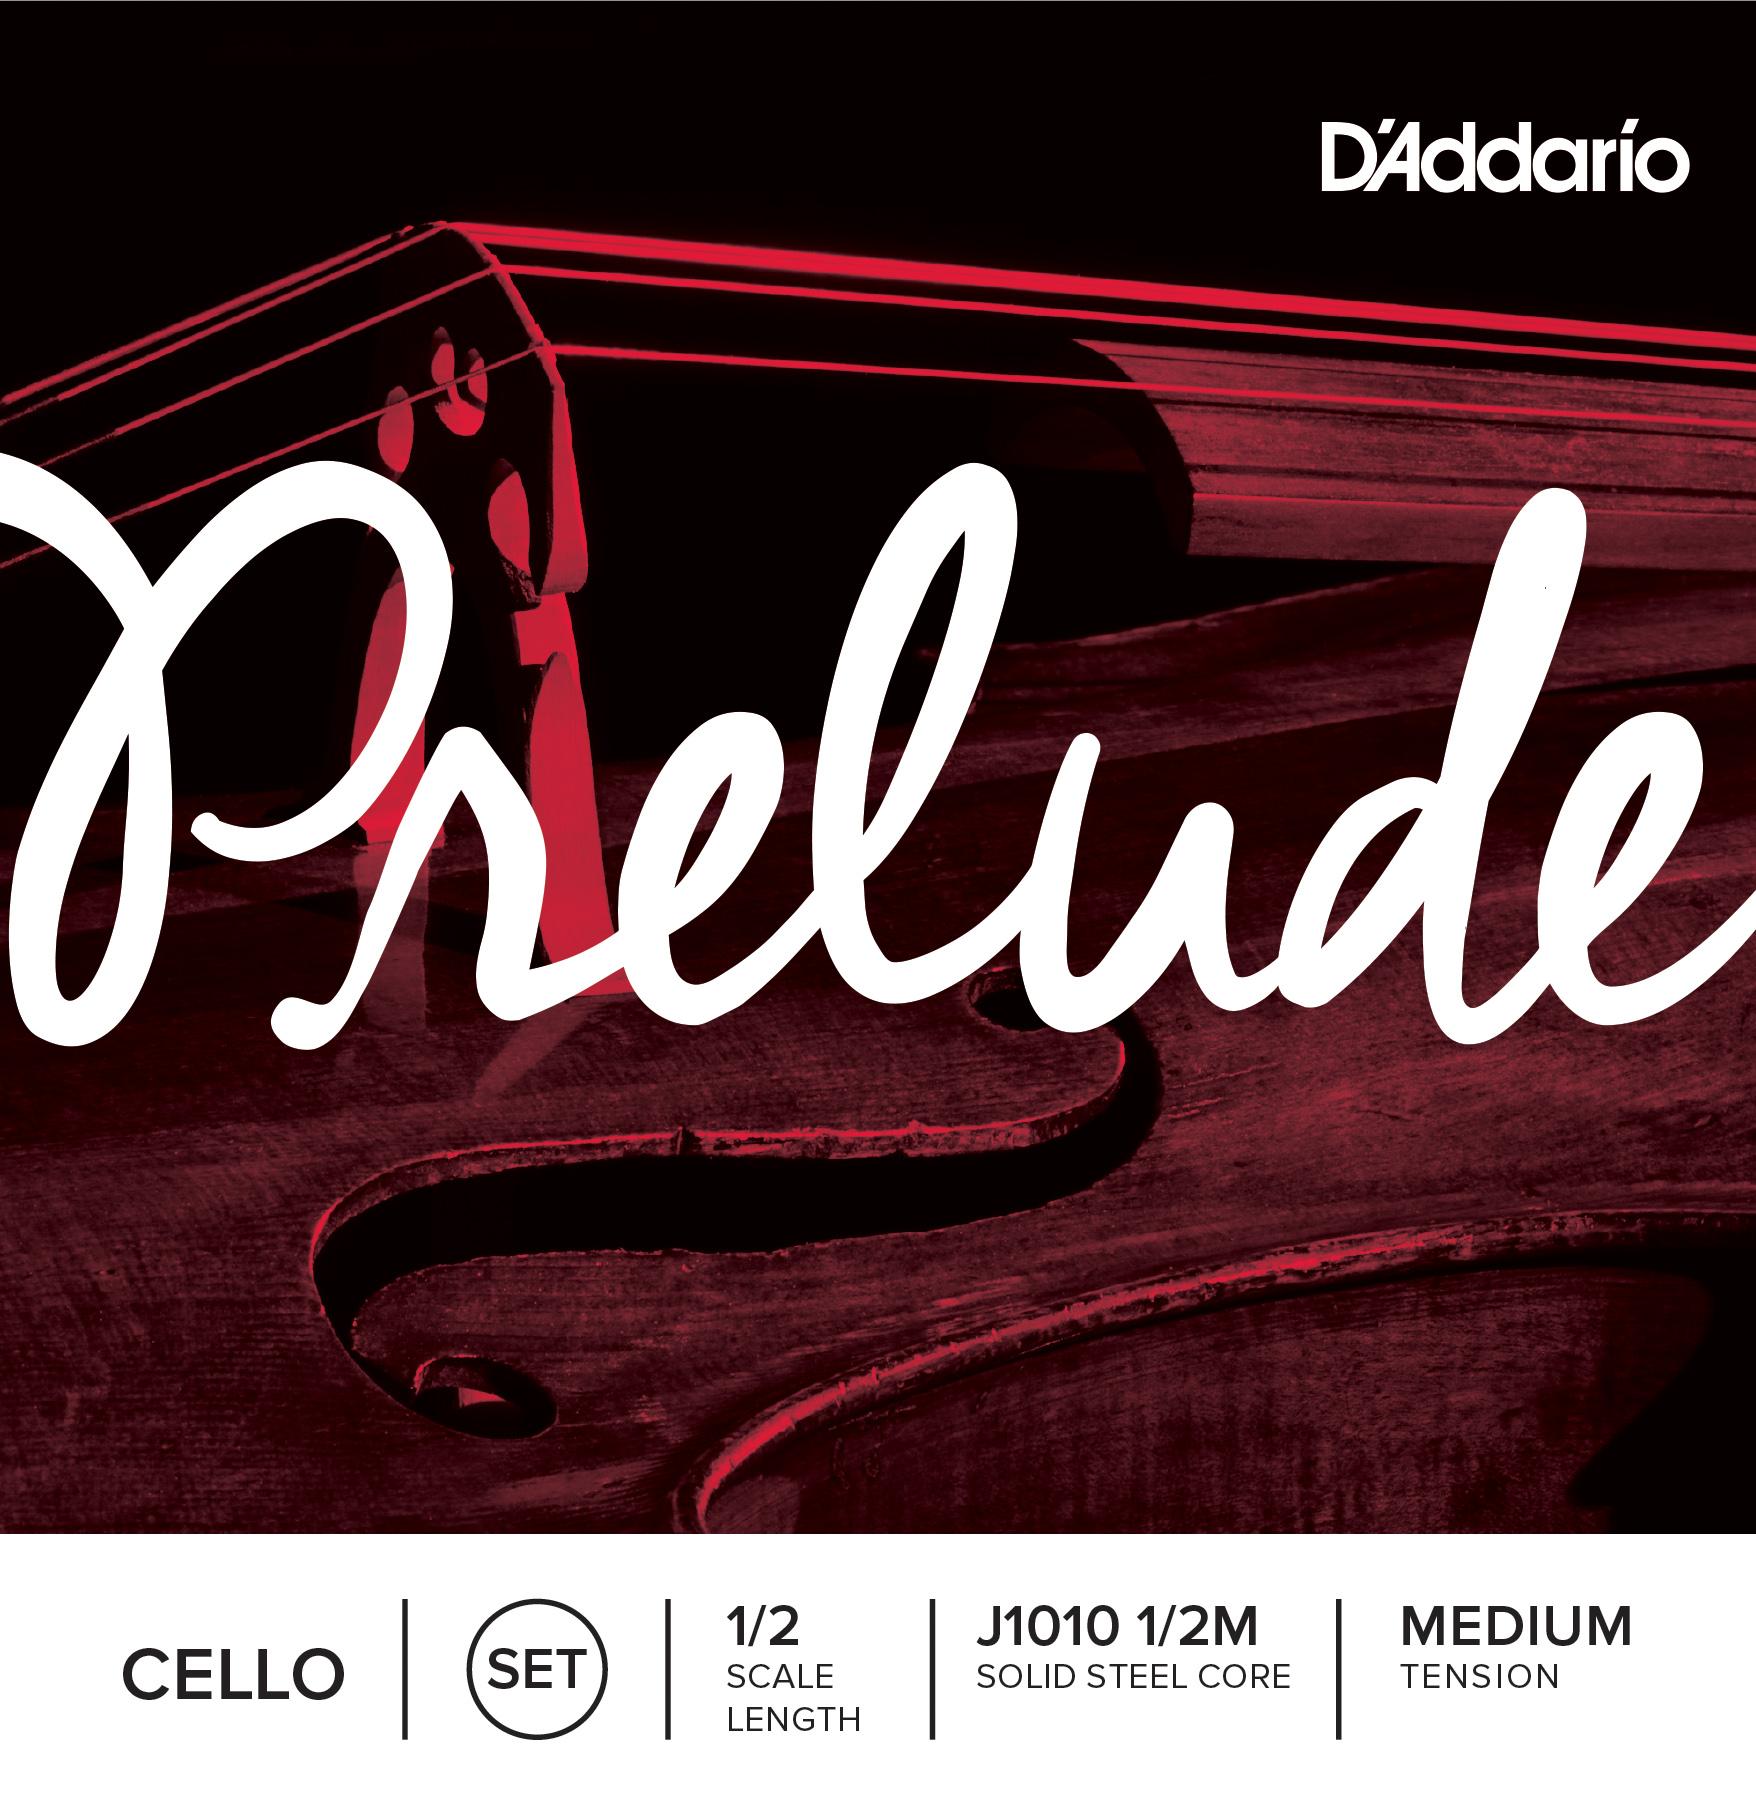 D'Addario PRELUDE CELLO SET 4/4 MED J1010